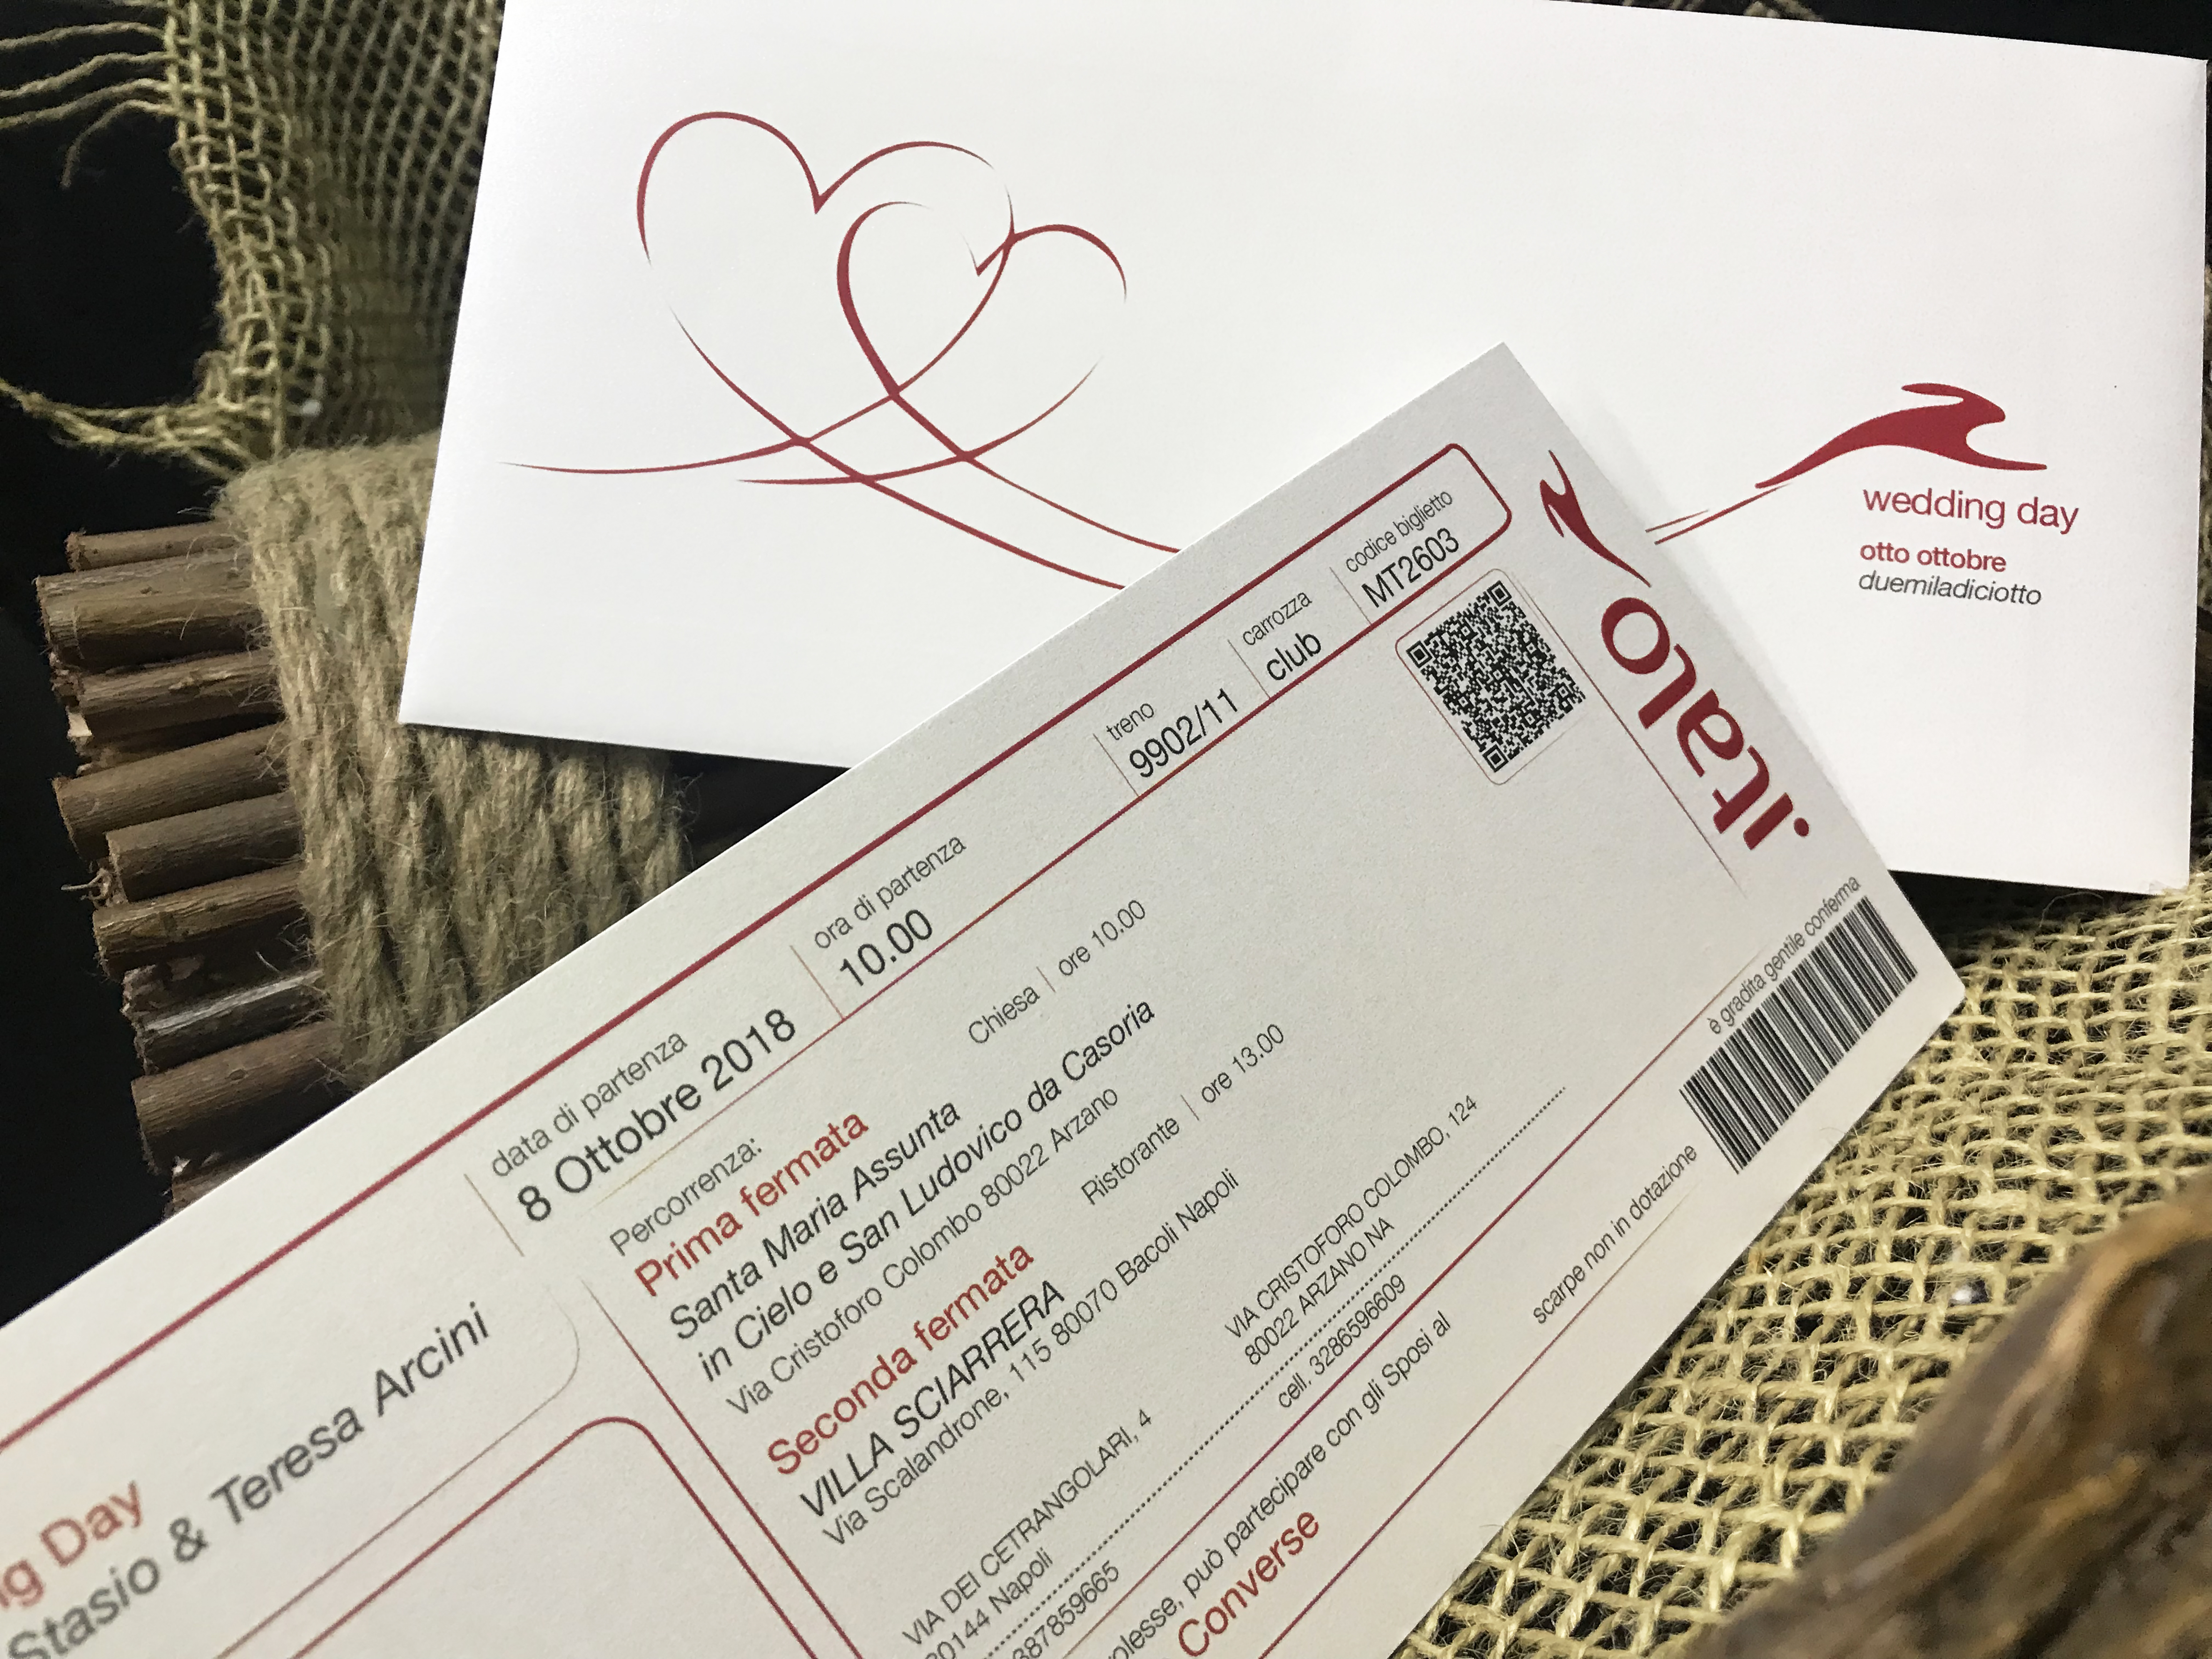 Biglietto Partecipazioni Matrimonio.Partecipazione Biglietto Del Treno Lagigroup Tipografia E